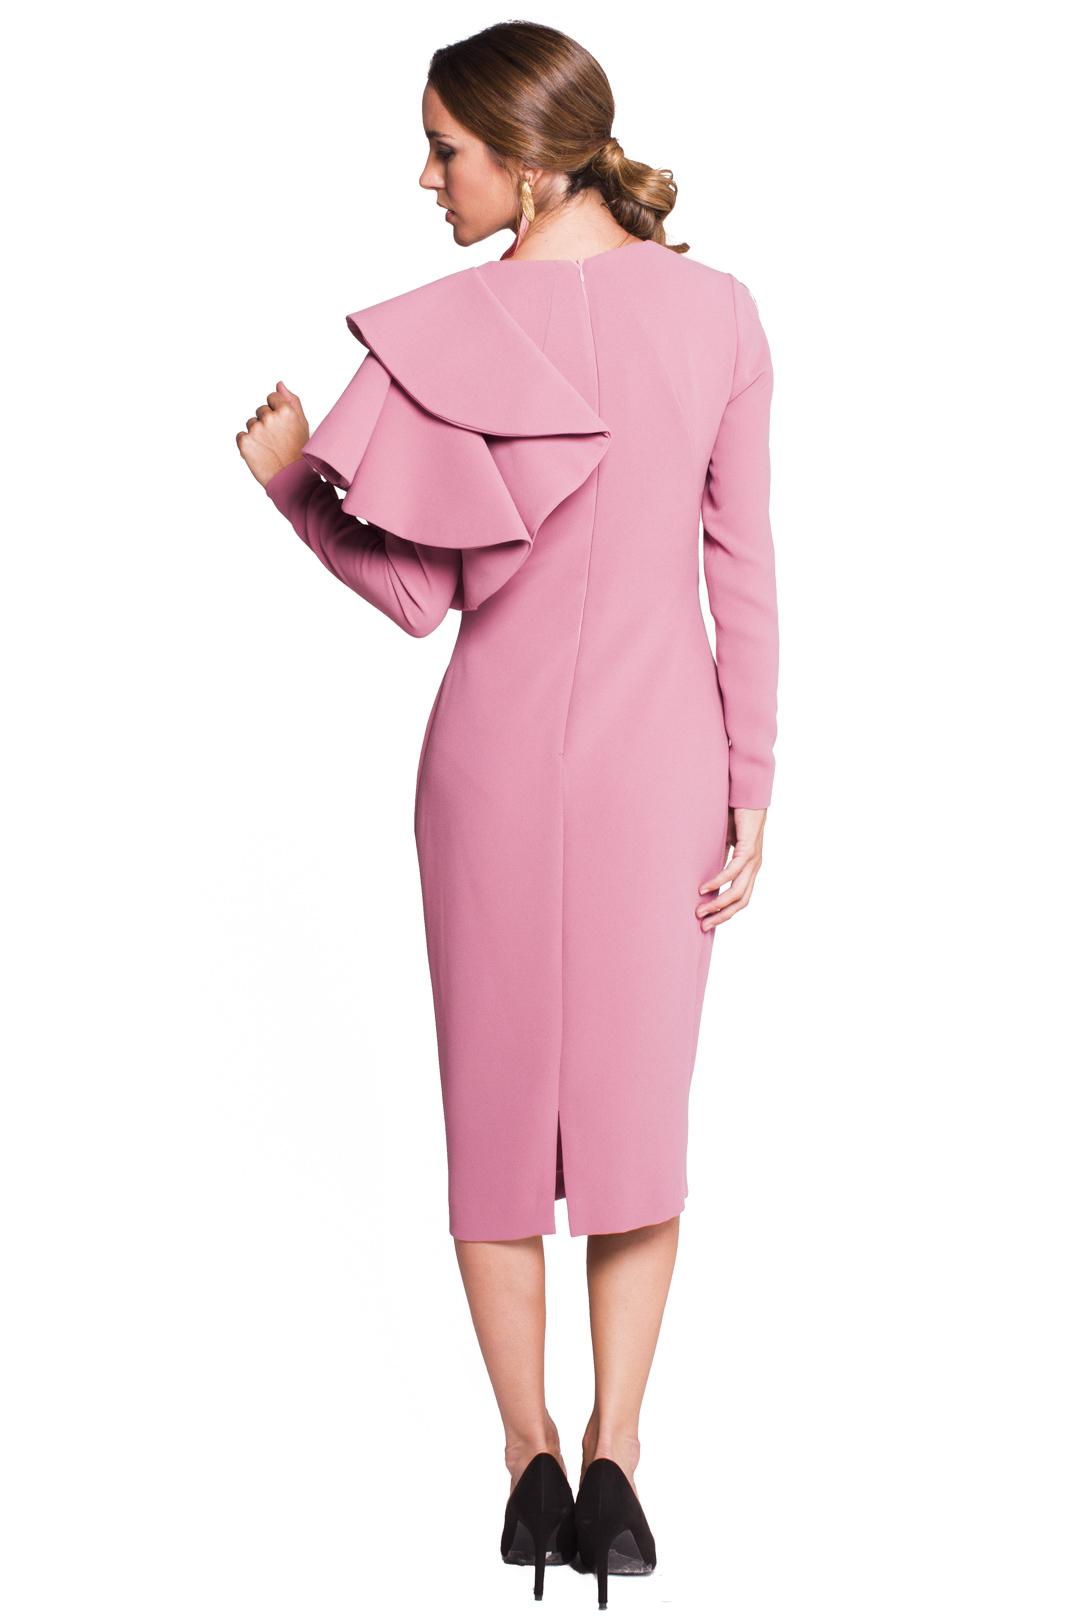 left - Vestido Ava Pink